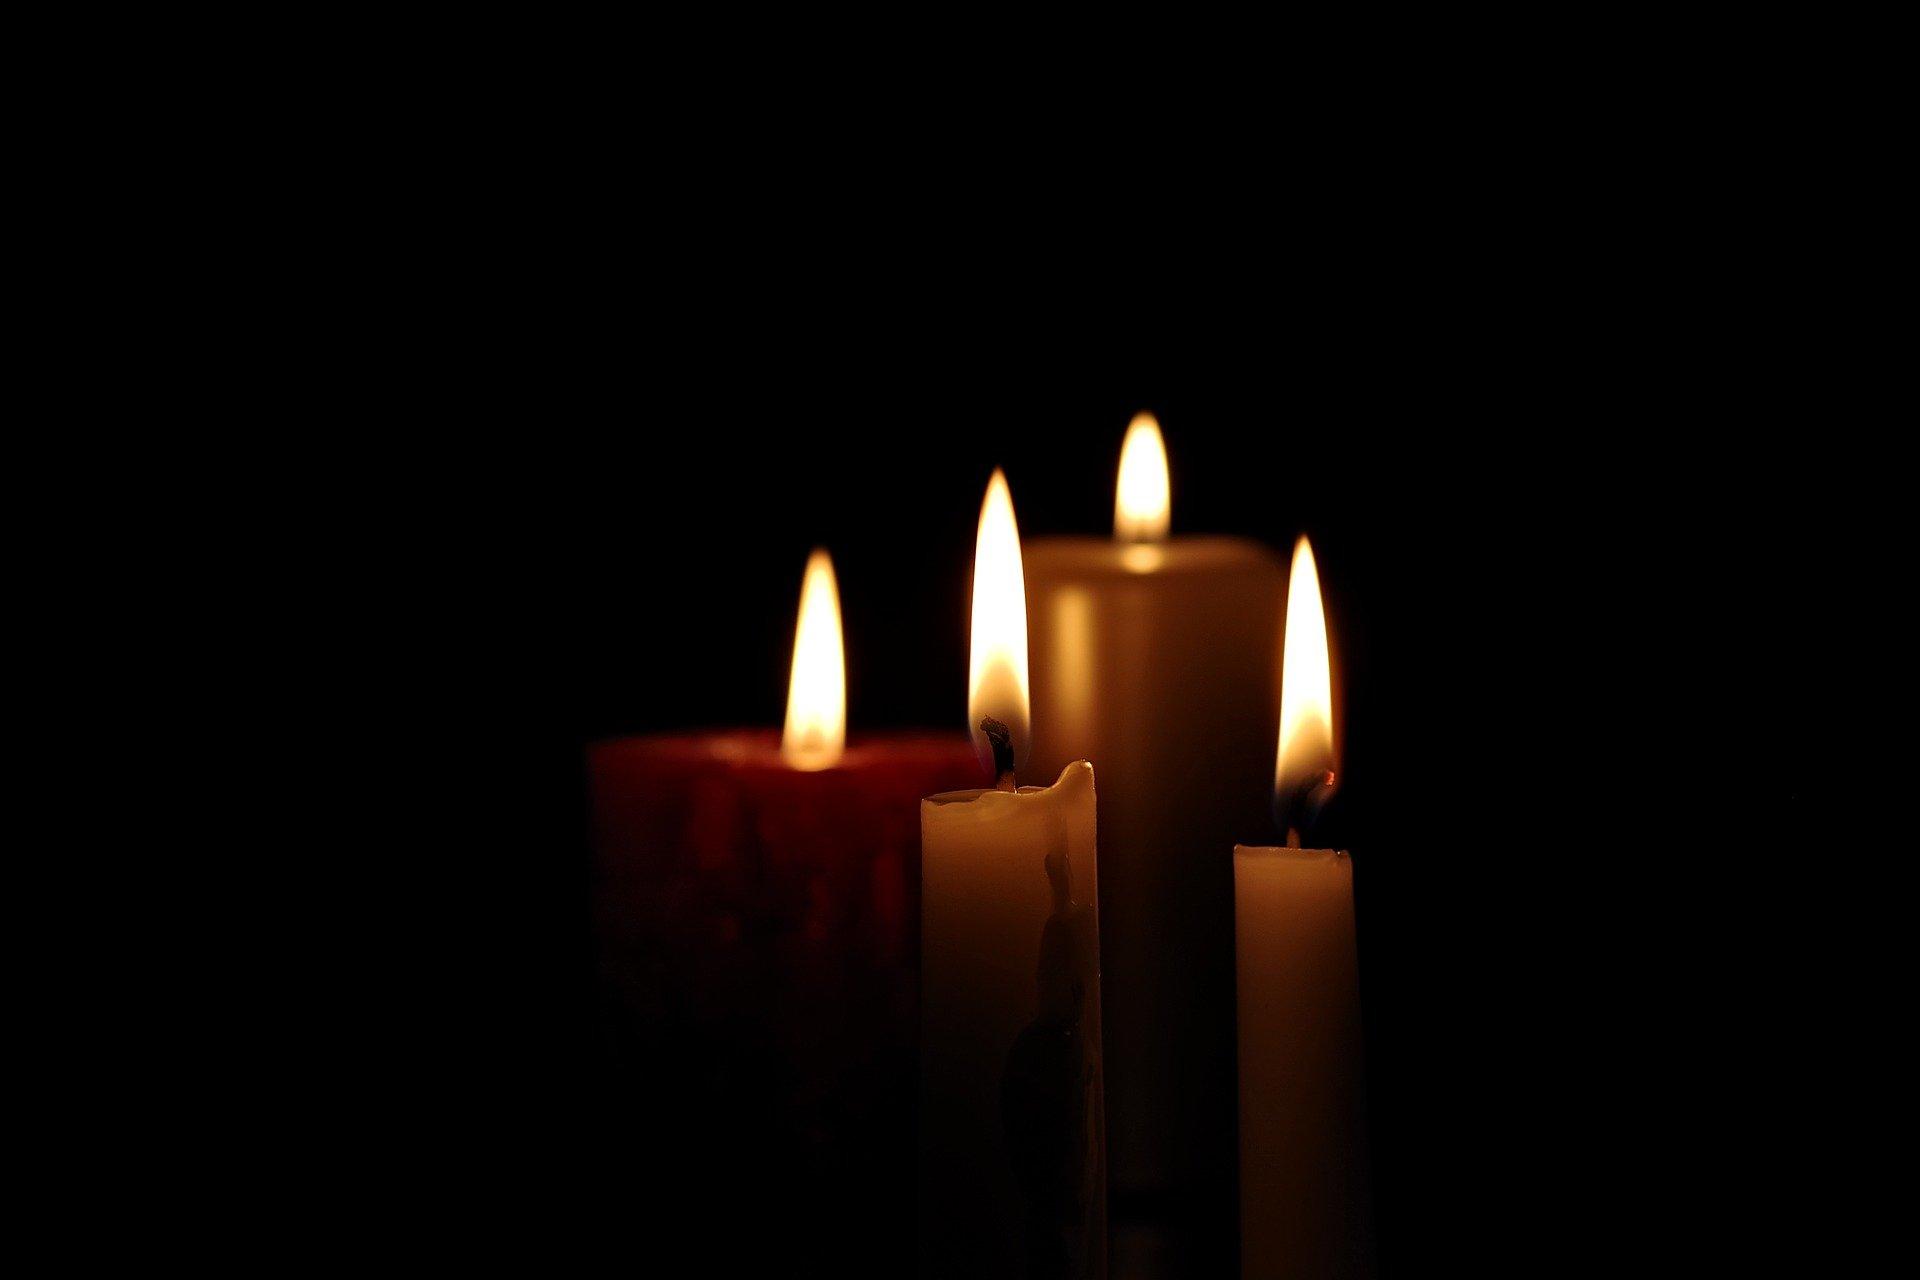 Cztery palące się w ciemności świece o różnej grubości i wielkości